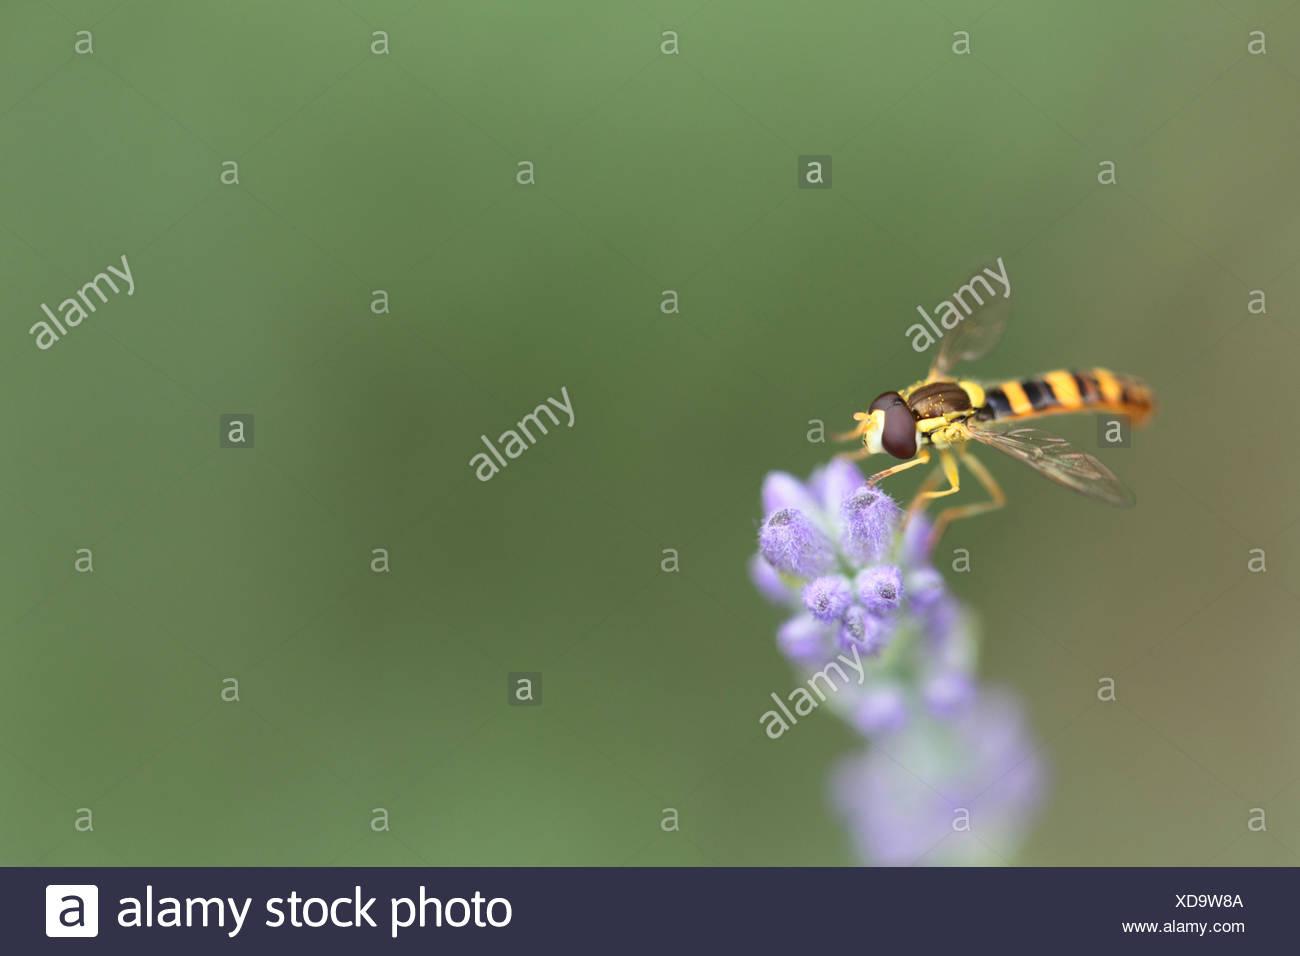 Schwebfliegen, manchmal auch als Blume fliegen oder Syrphid fliegt, machen die Insekten Familie Syrphidae. Sie sind oft gesehen schwebt oder Nectaring Blumen. Dieses ist auf eine Blume Lavendel, Lavandula Angustifolia. Stockbild